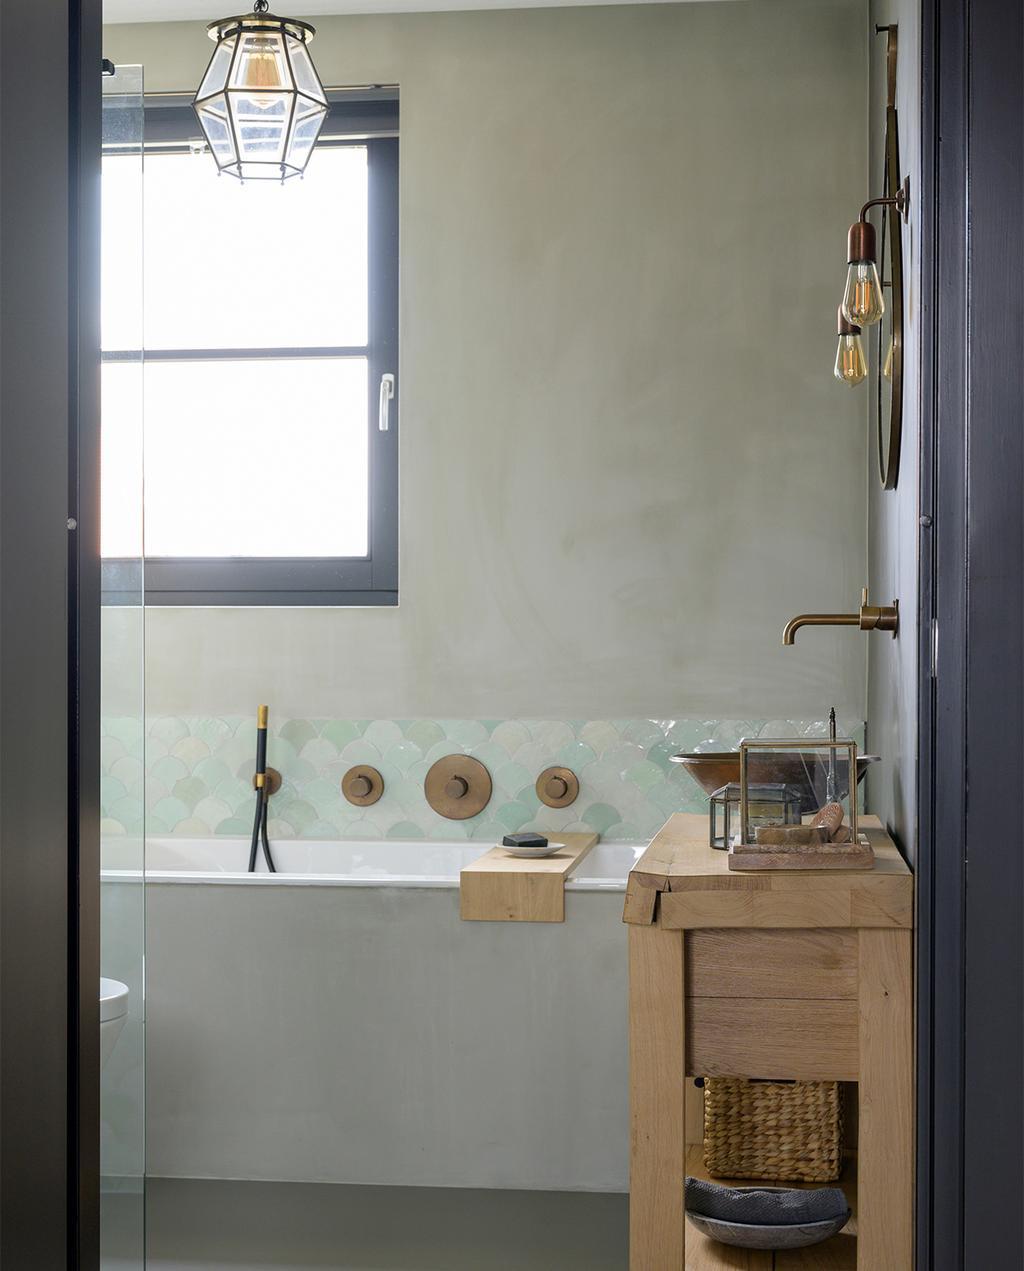 vtwonen 08-2021   badkamer met een rij tegels met Fish scale patroon, een op maat gemaakte wastafel